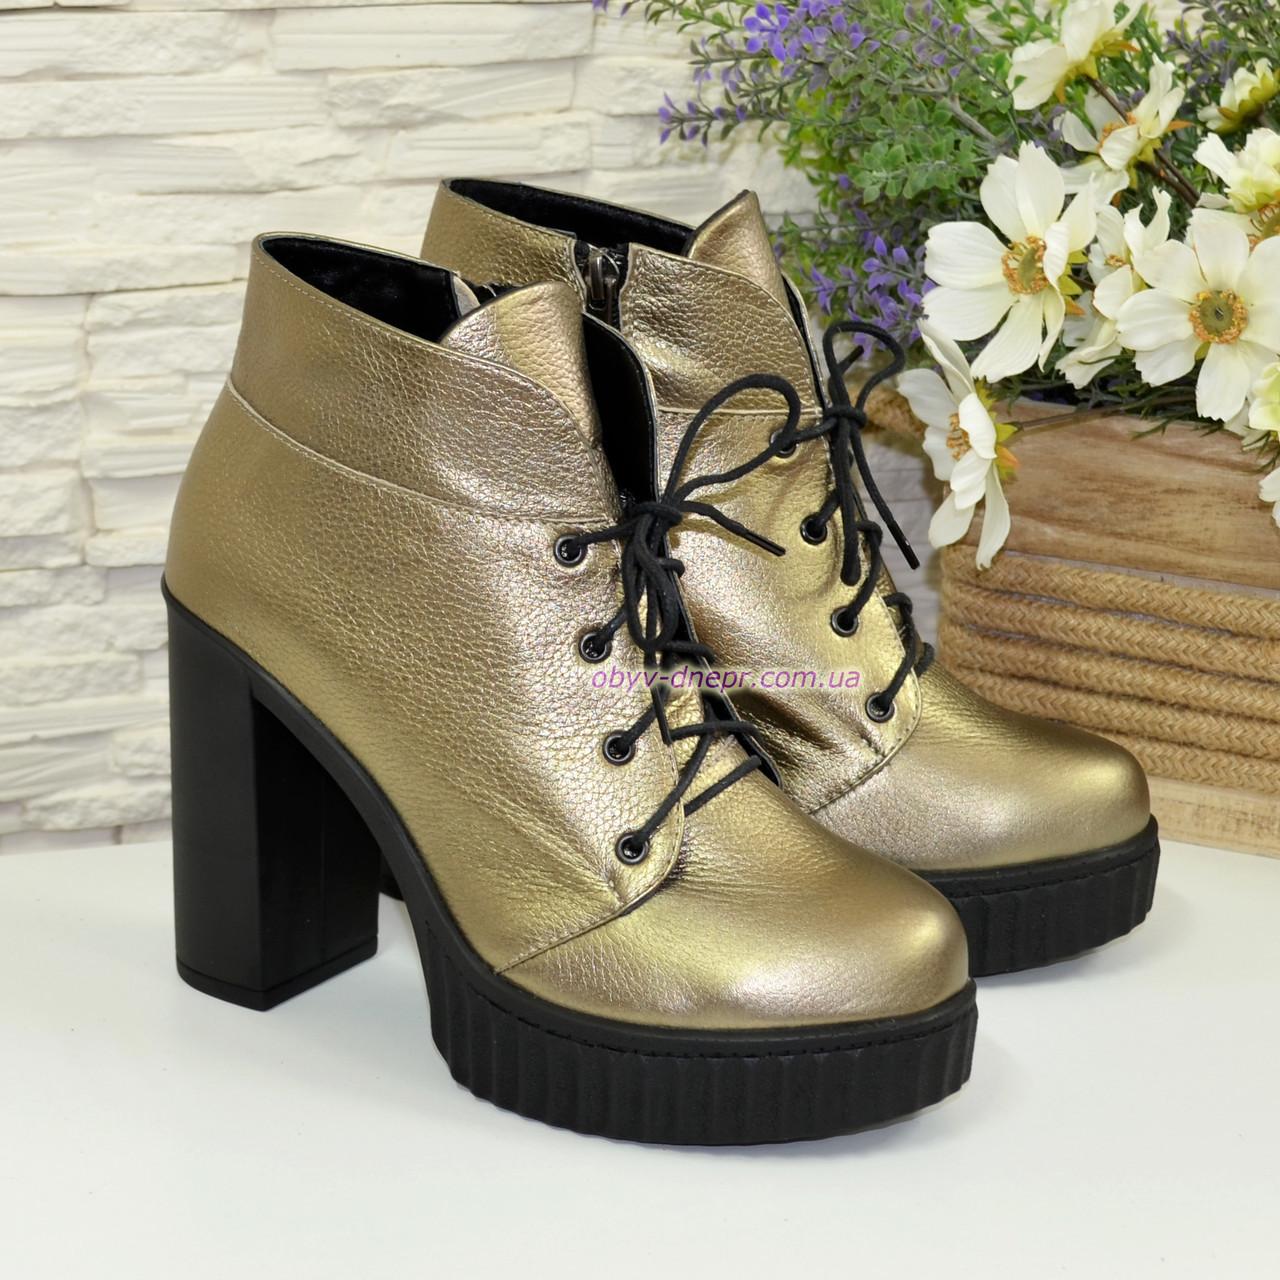 Ботинки демисезонные женские на высоком каблуке, цвет бронза